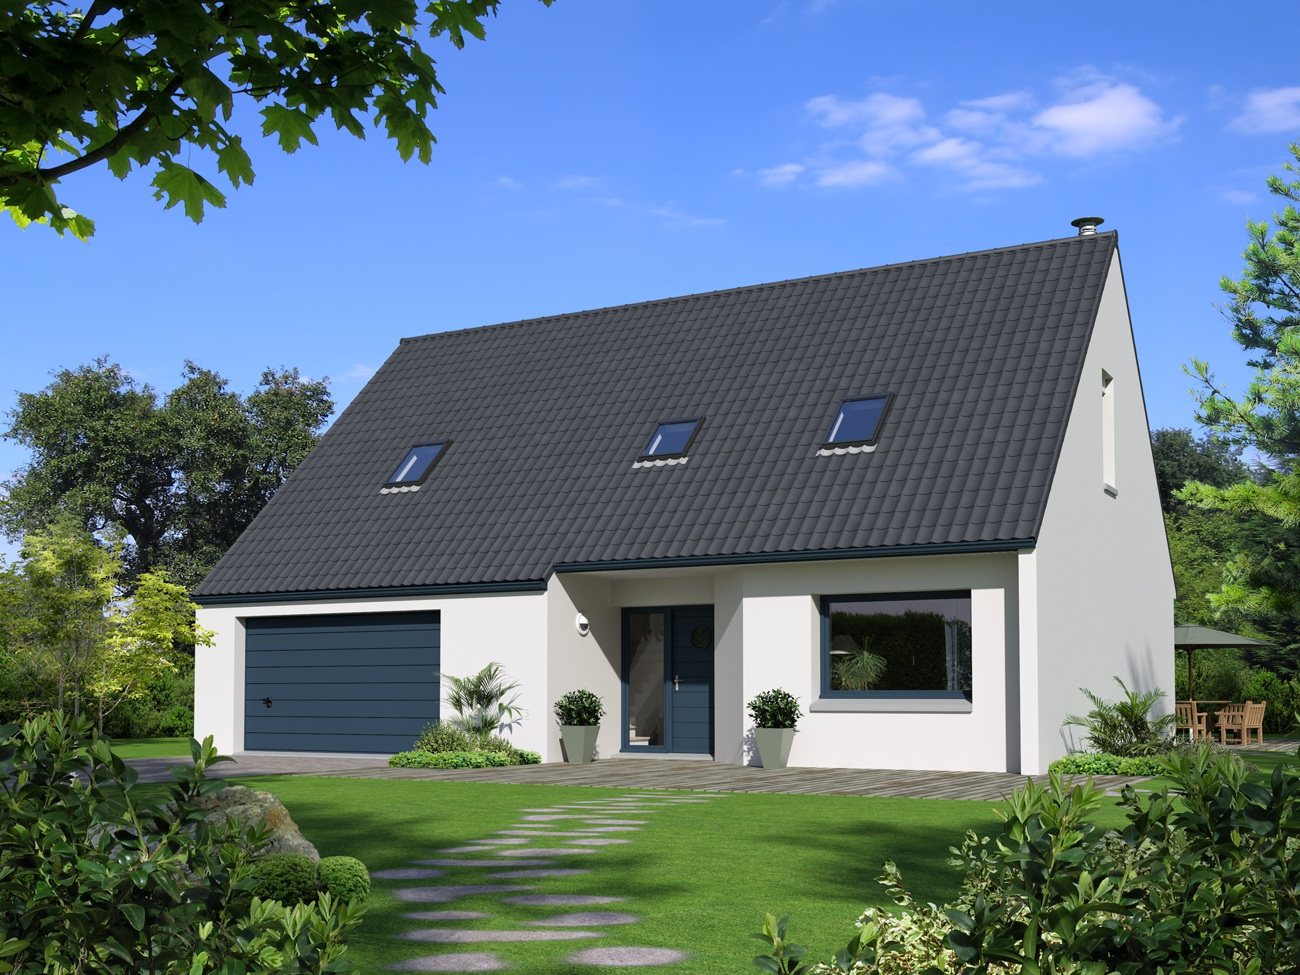 Maisons + Terrains du constructeur Maison Familiale Wizernes • 107 m² • TATINGHEM